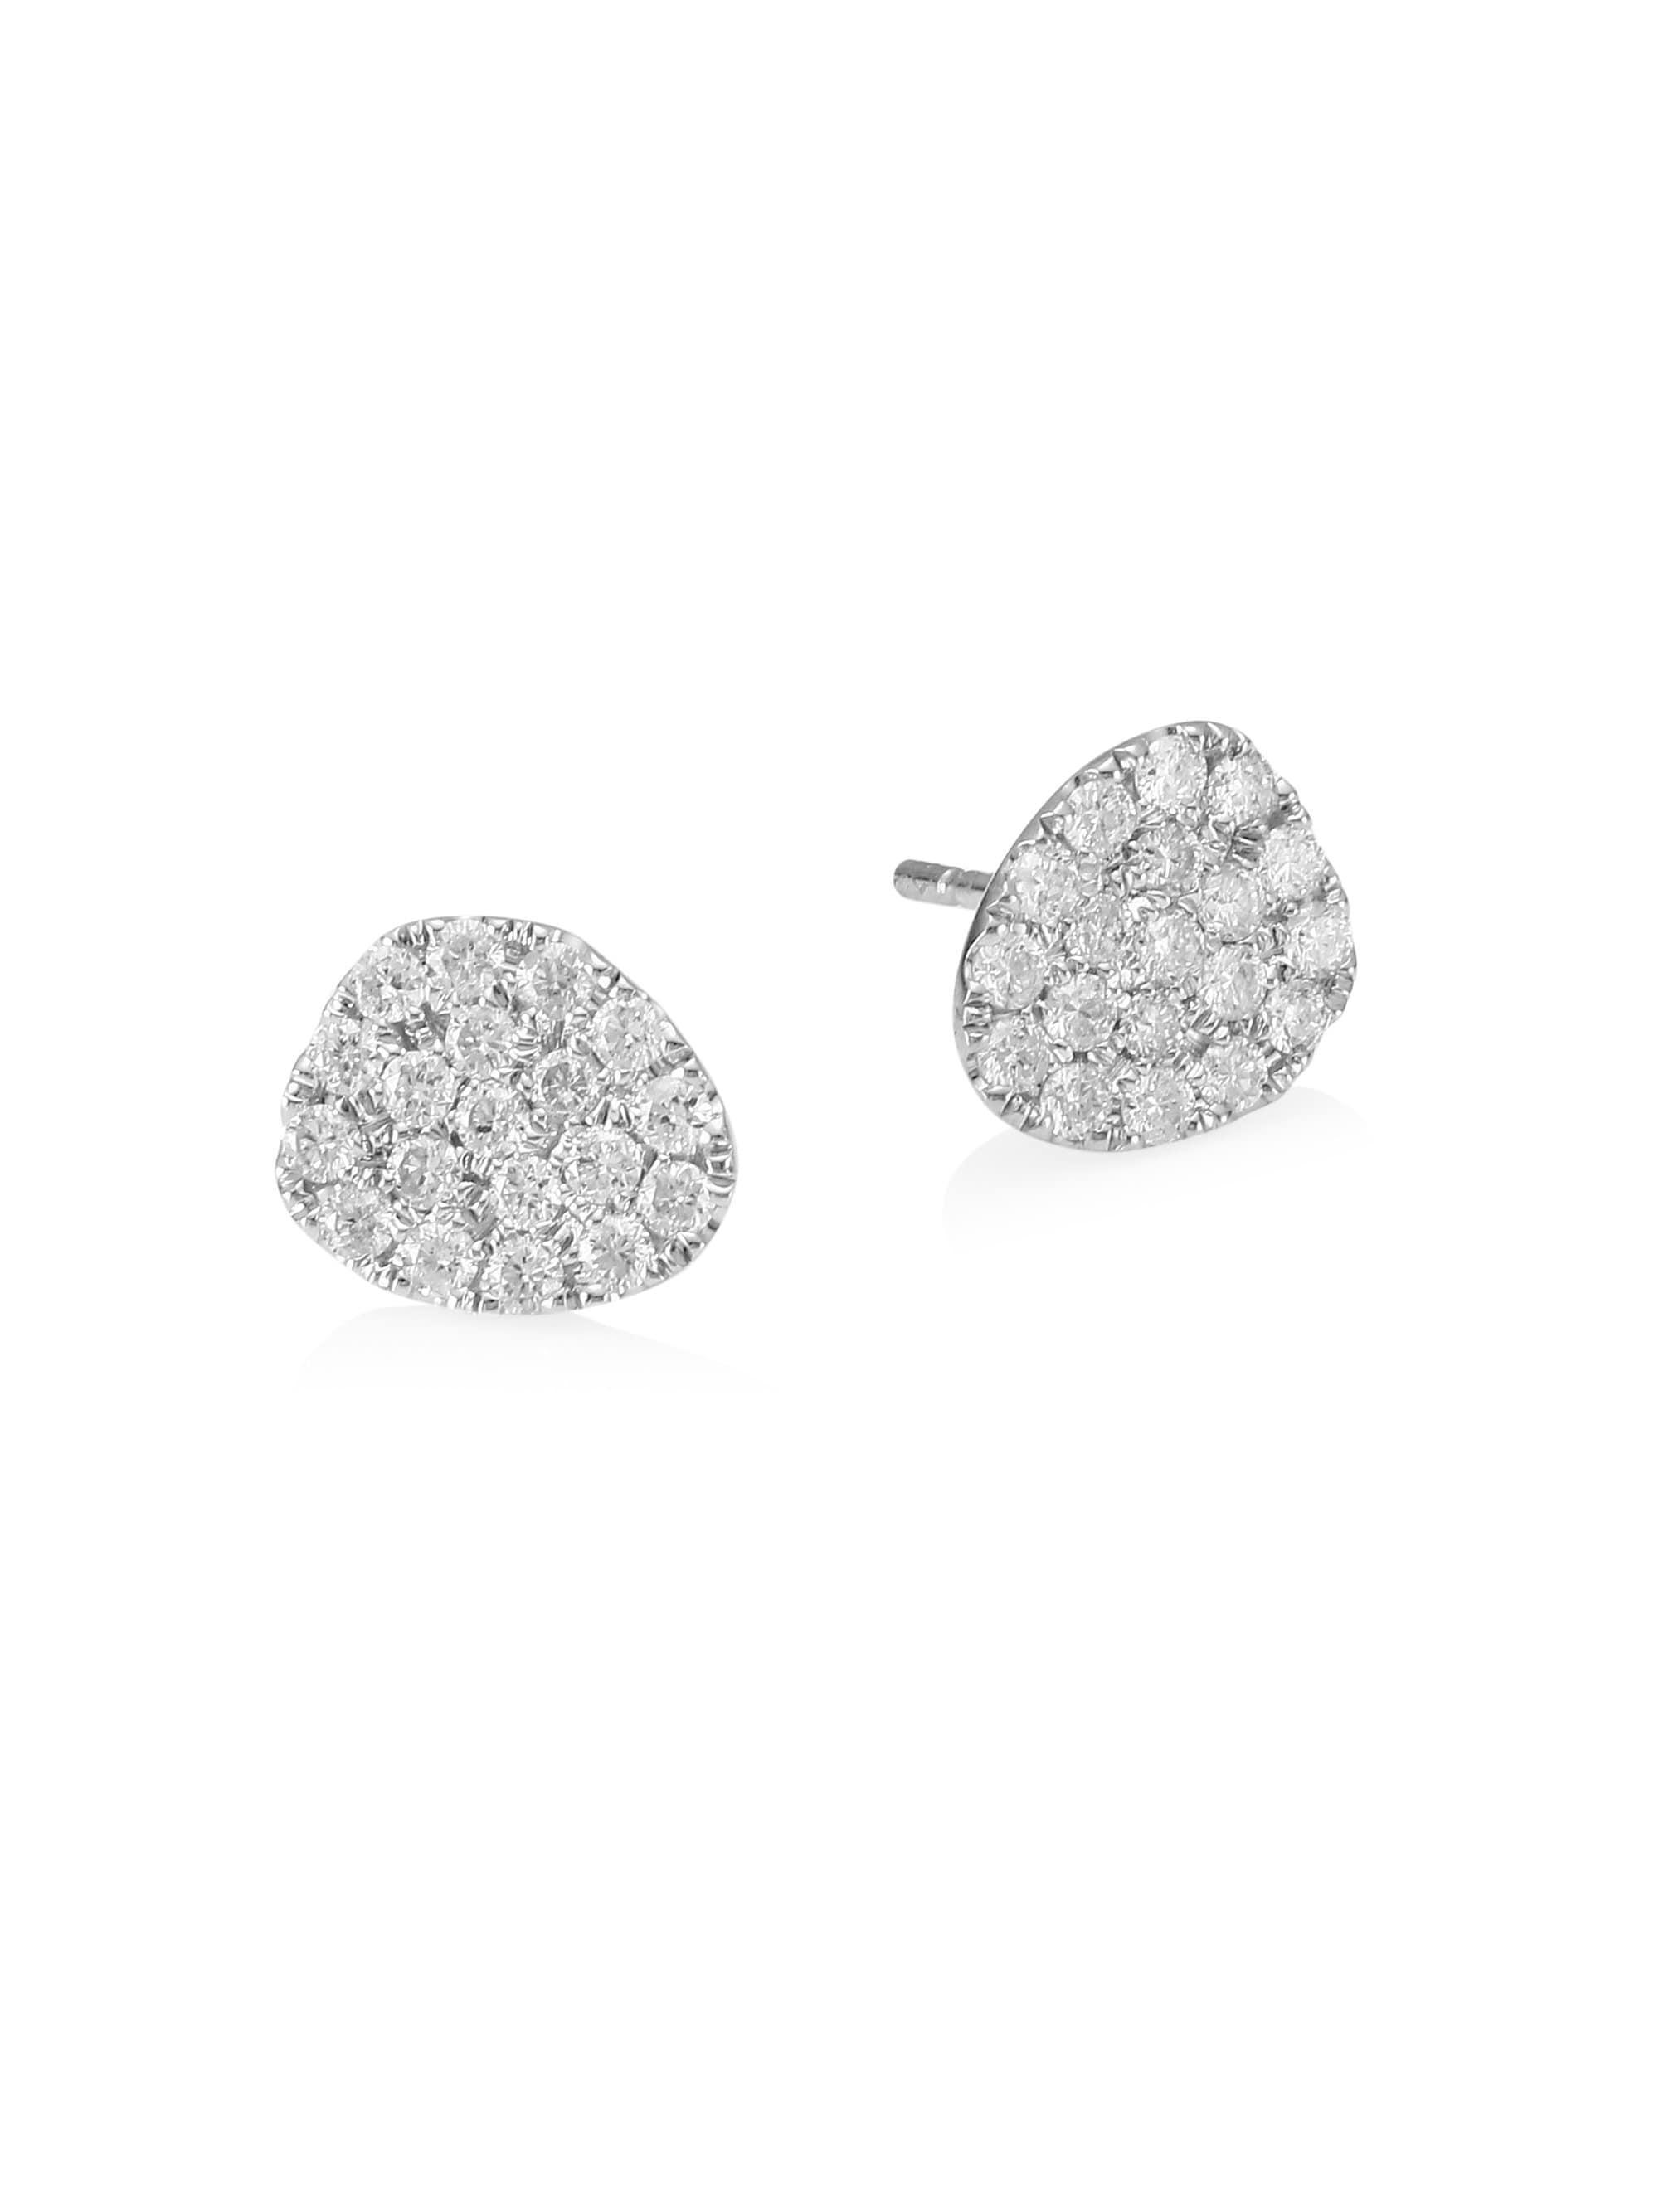 Meira T Women S 14k White Gold Pavé Diamond Stud Earrings